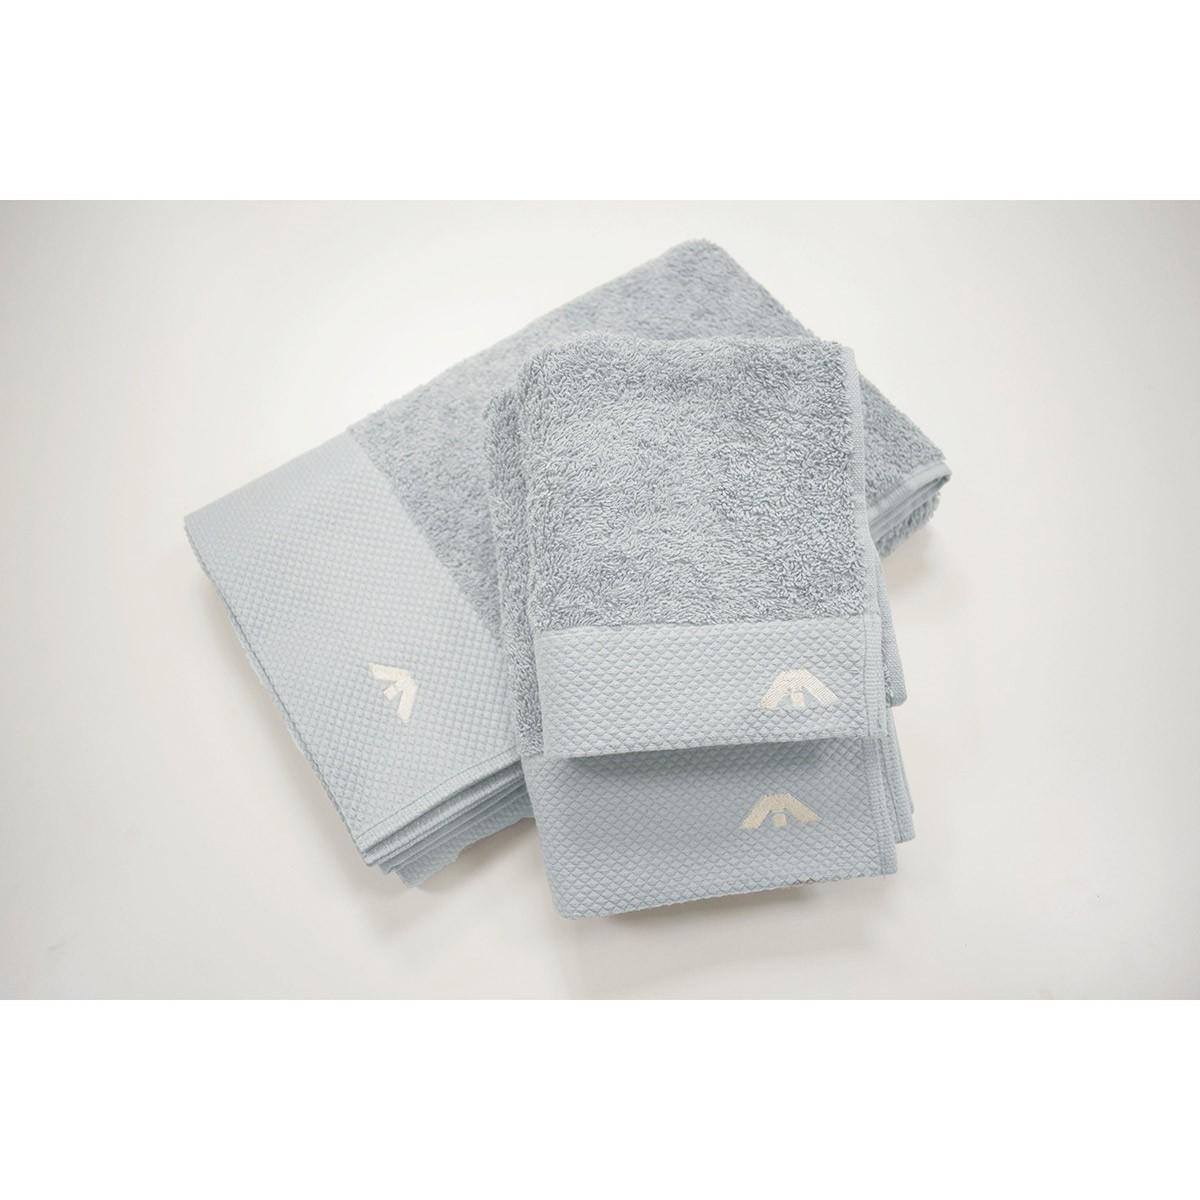 Πετσέτες Μπάνιου (Σετ 3τμχ) AP Milano Italia Dusty Blue